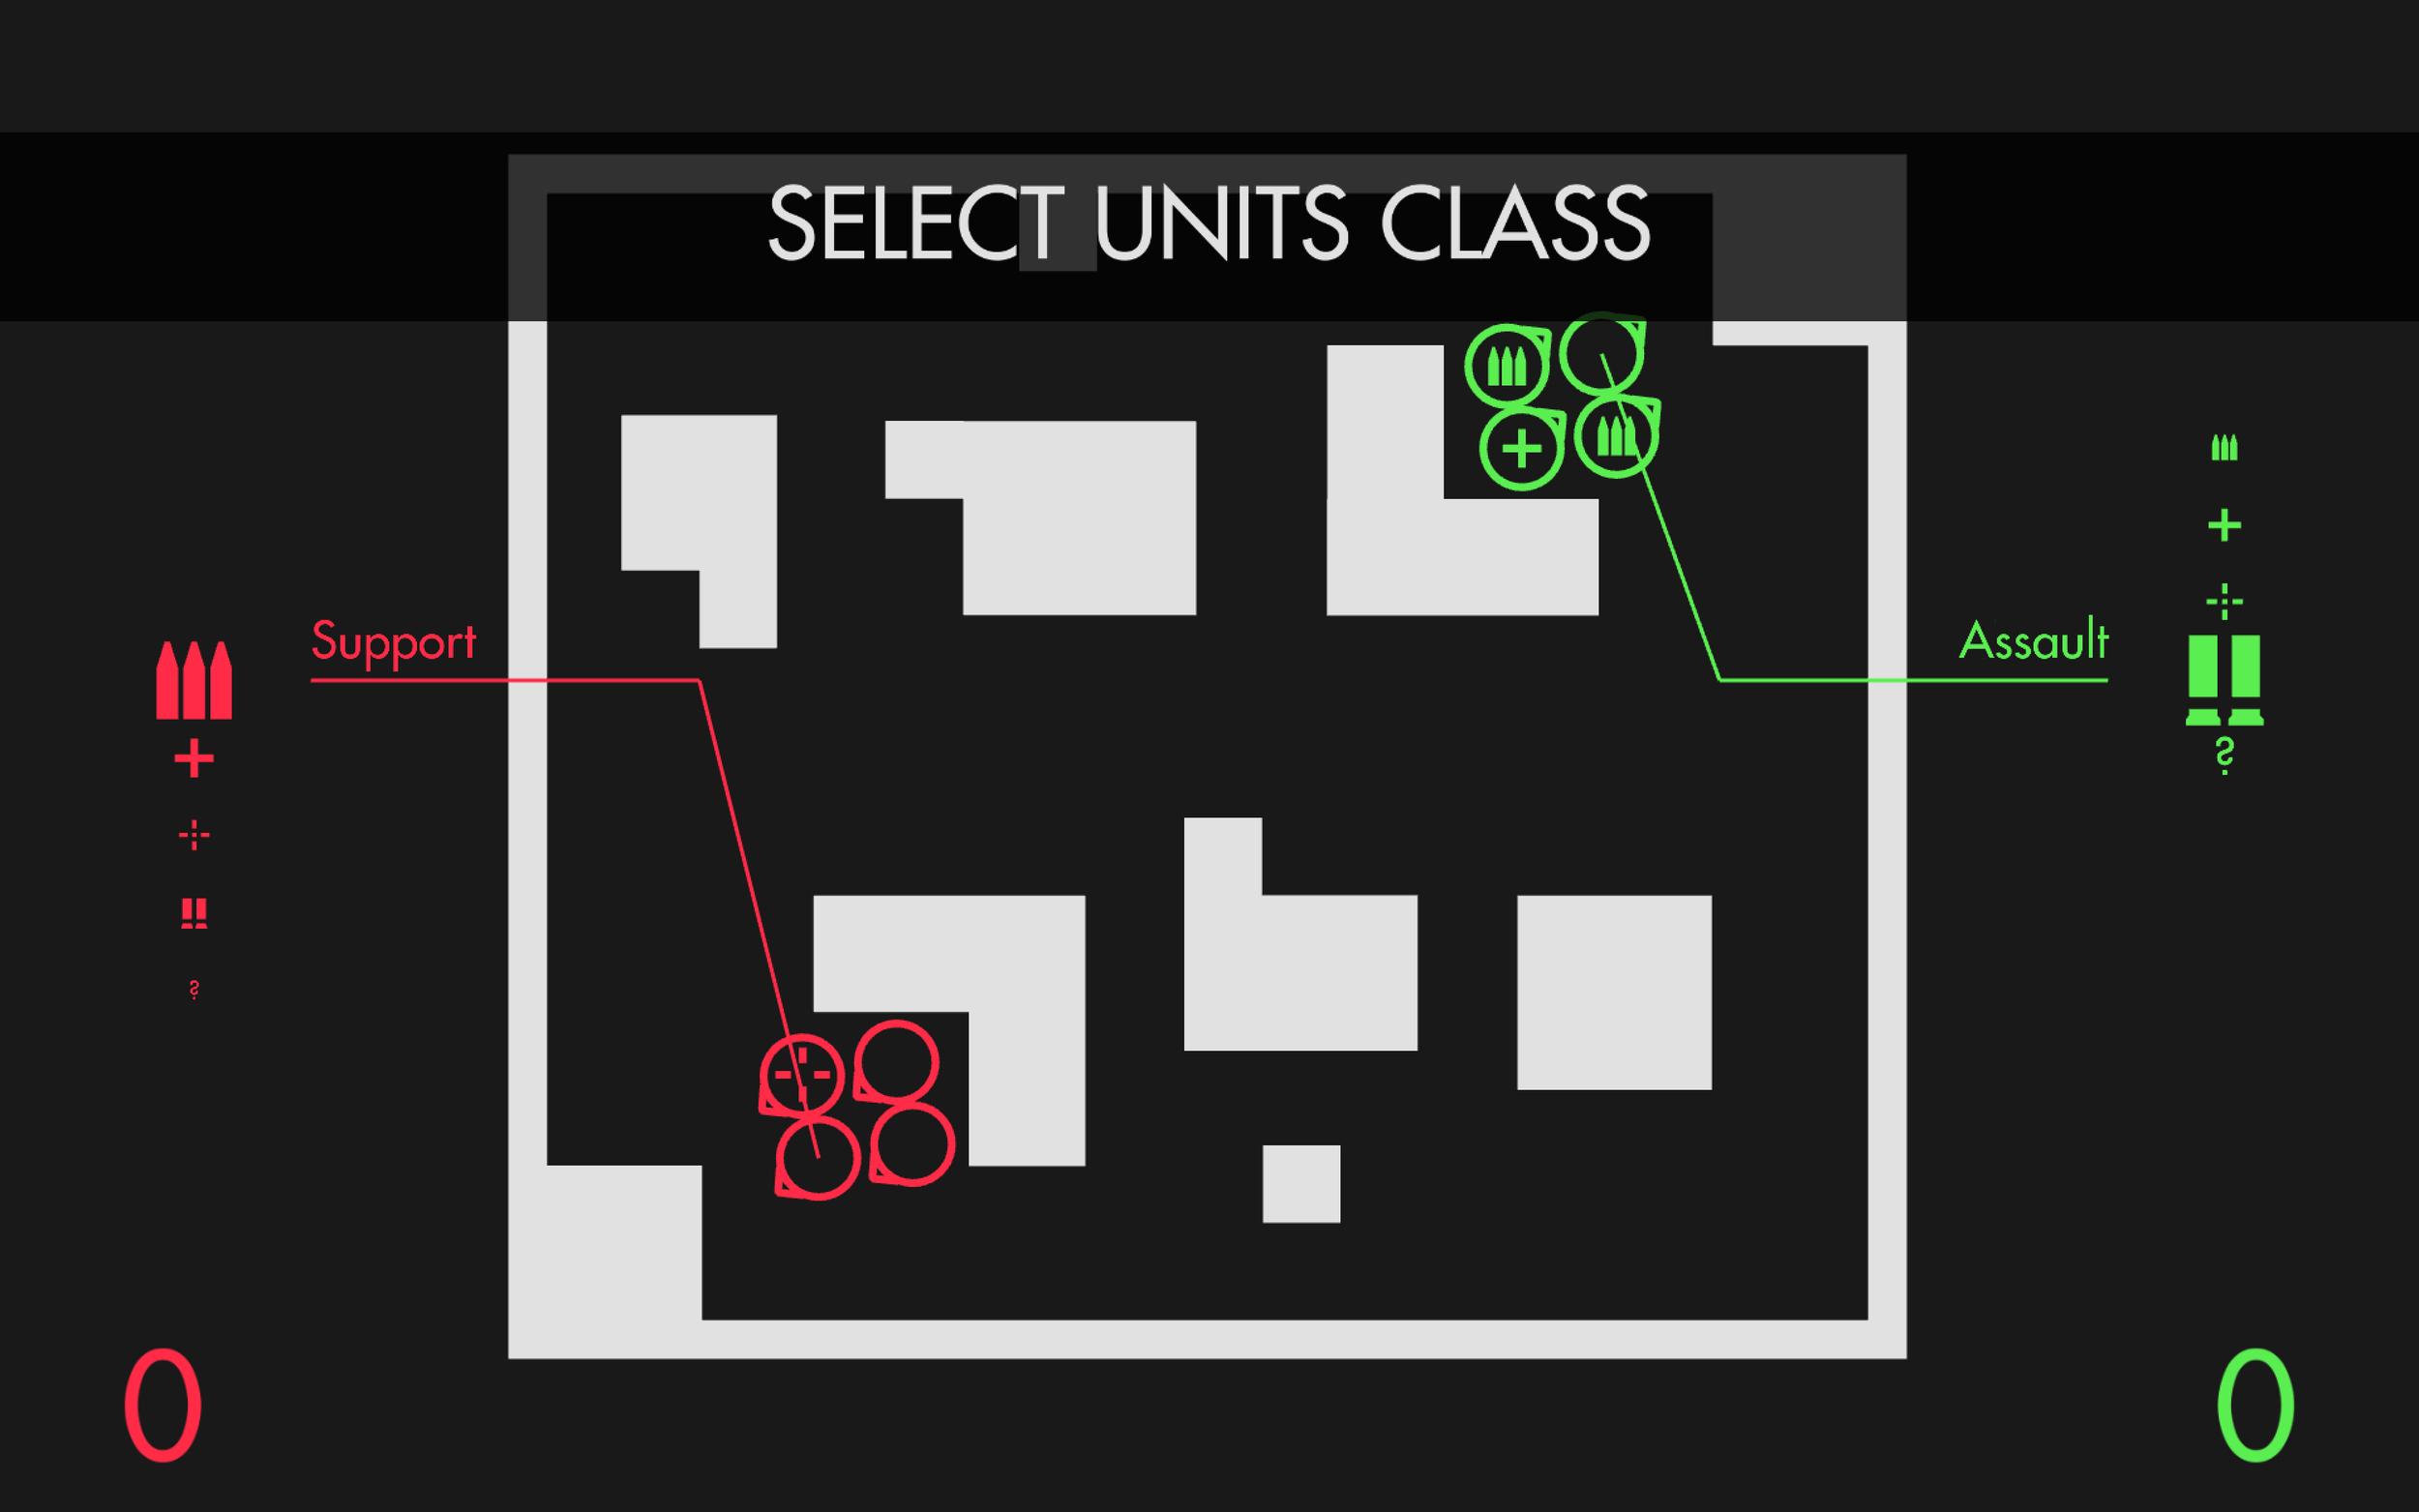 Tendance minimaliste du jeu avant le prochain update graphique.